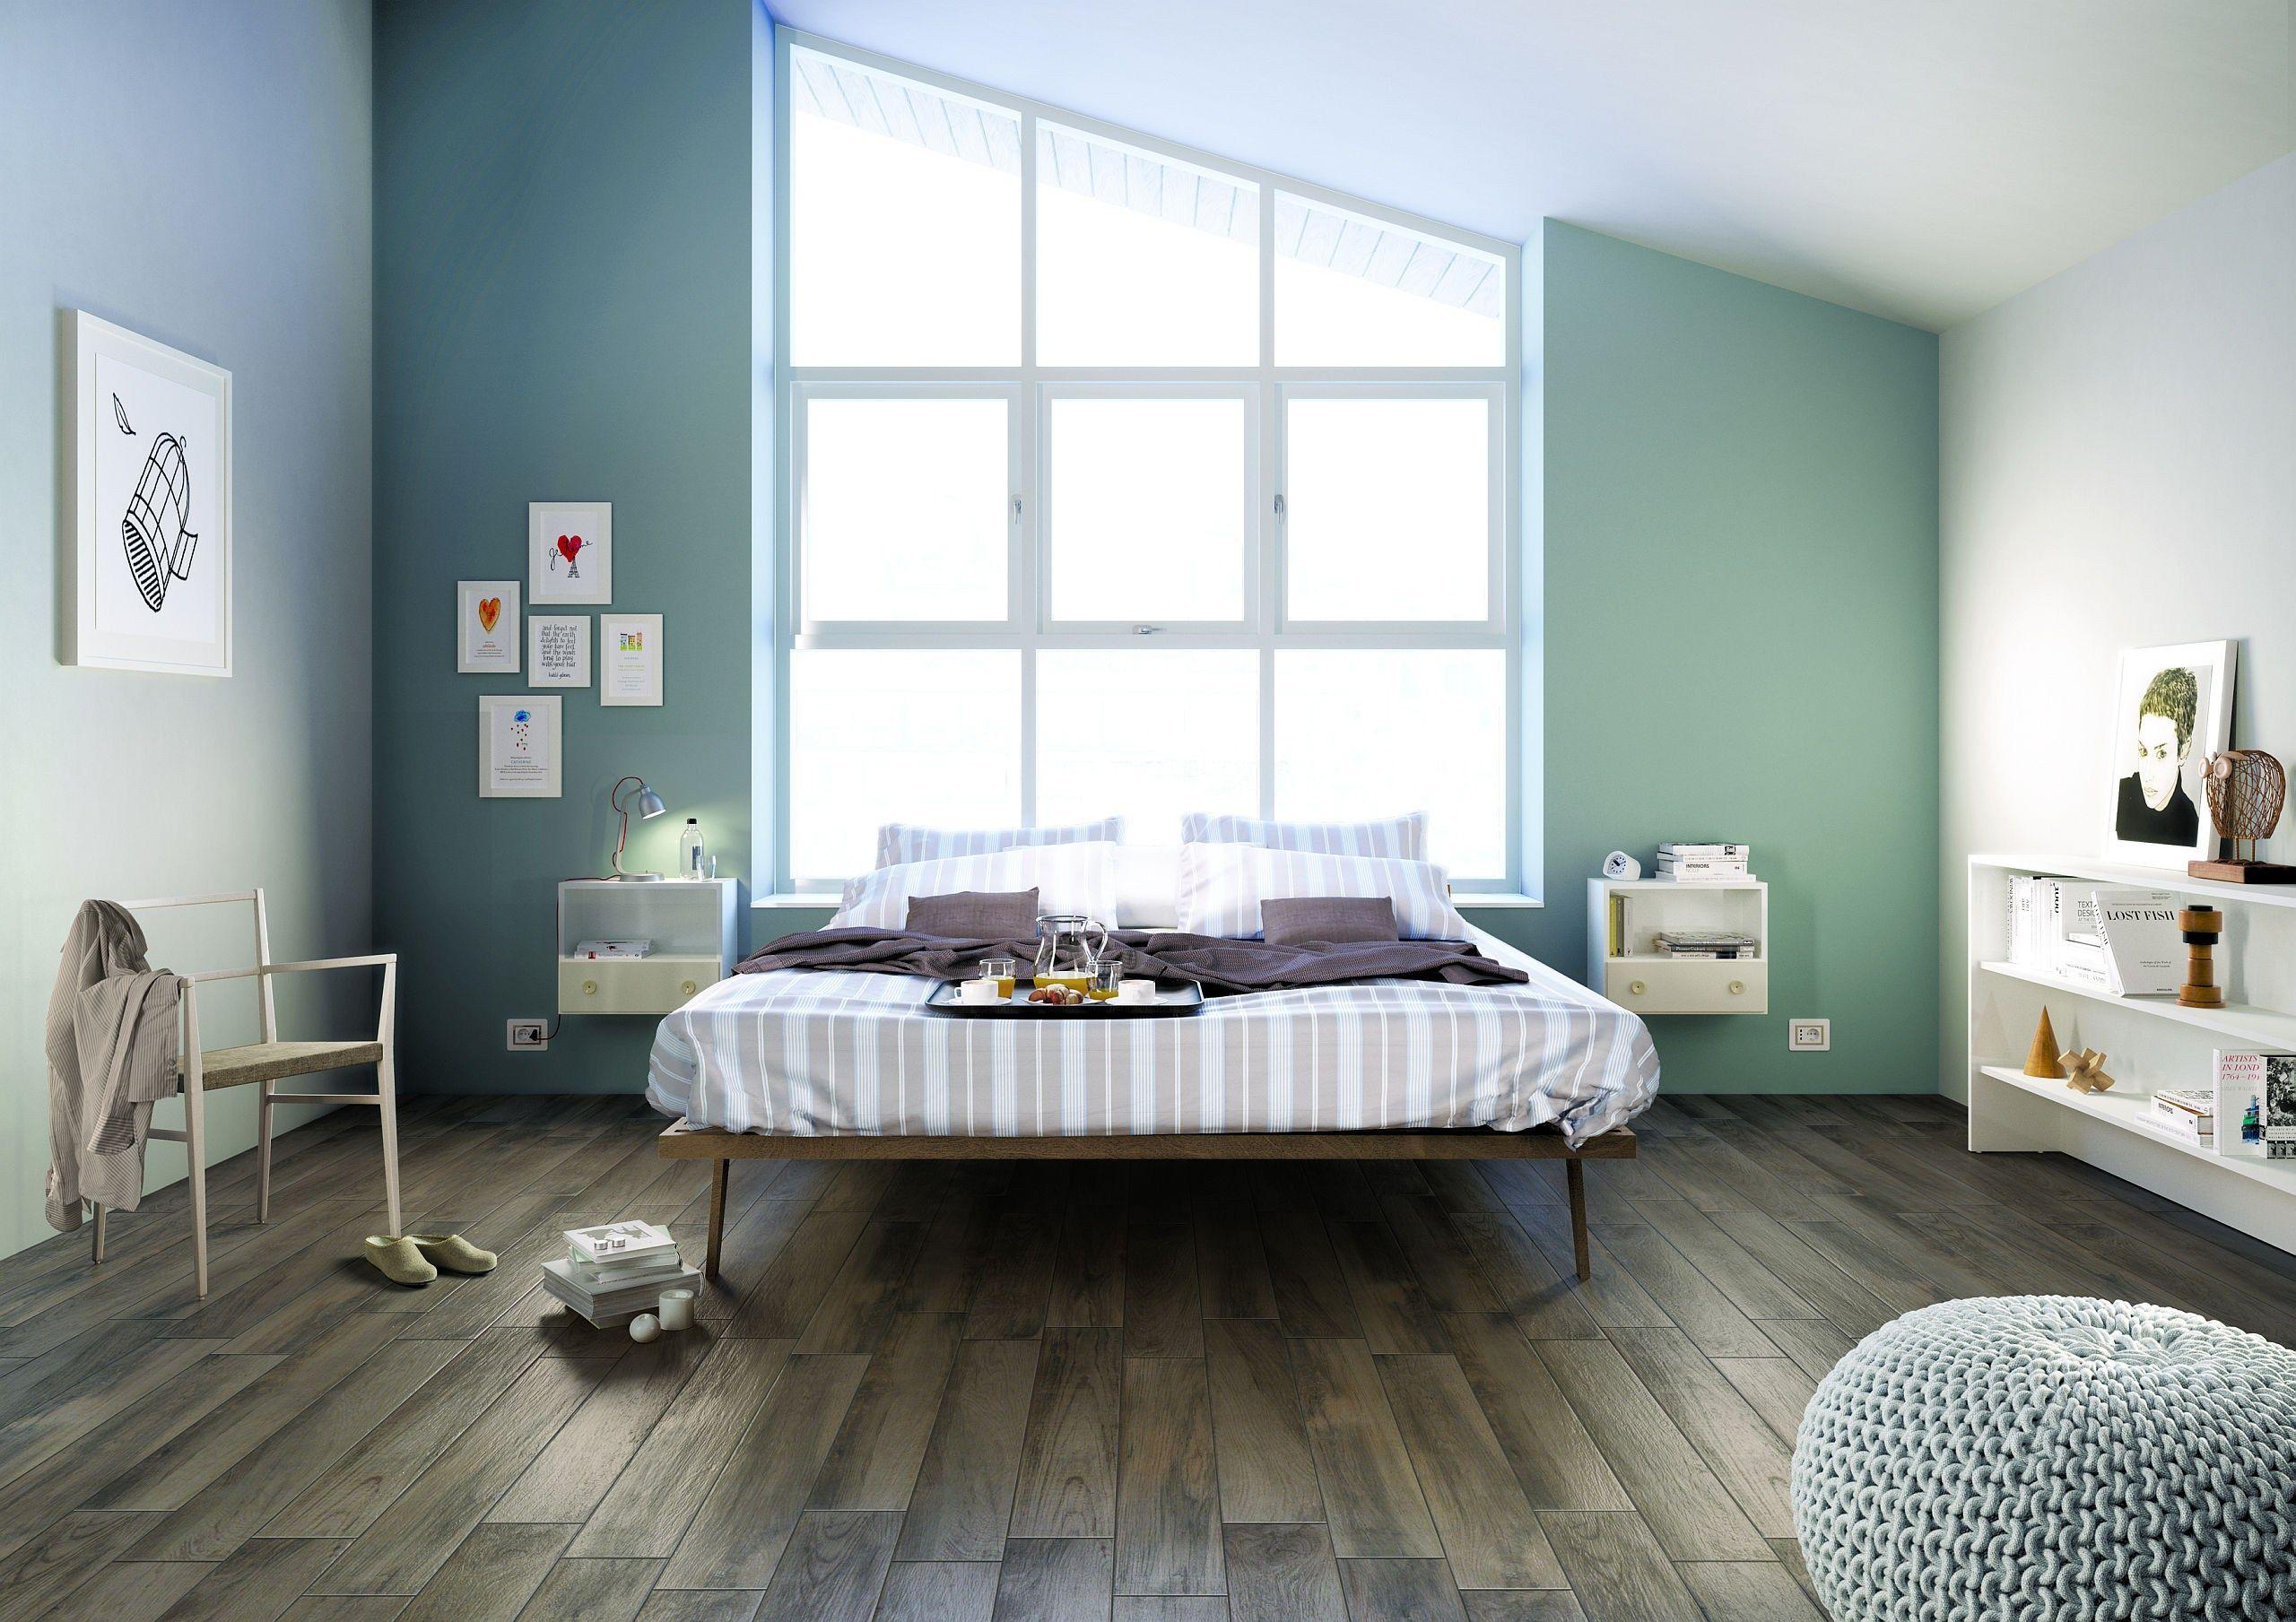 床材 TREVERKHOME by MARAZZI 木目調タイル、自宅で、フローリング